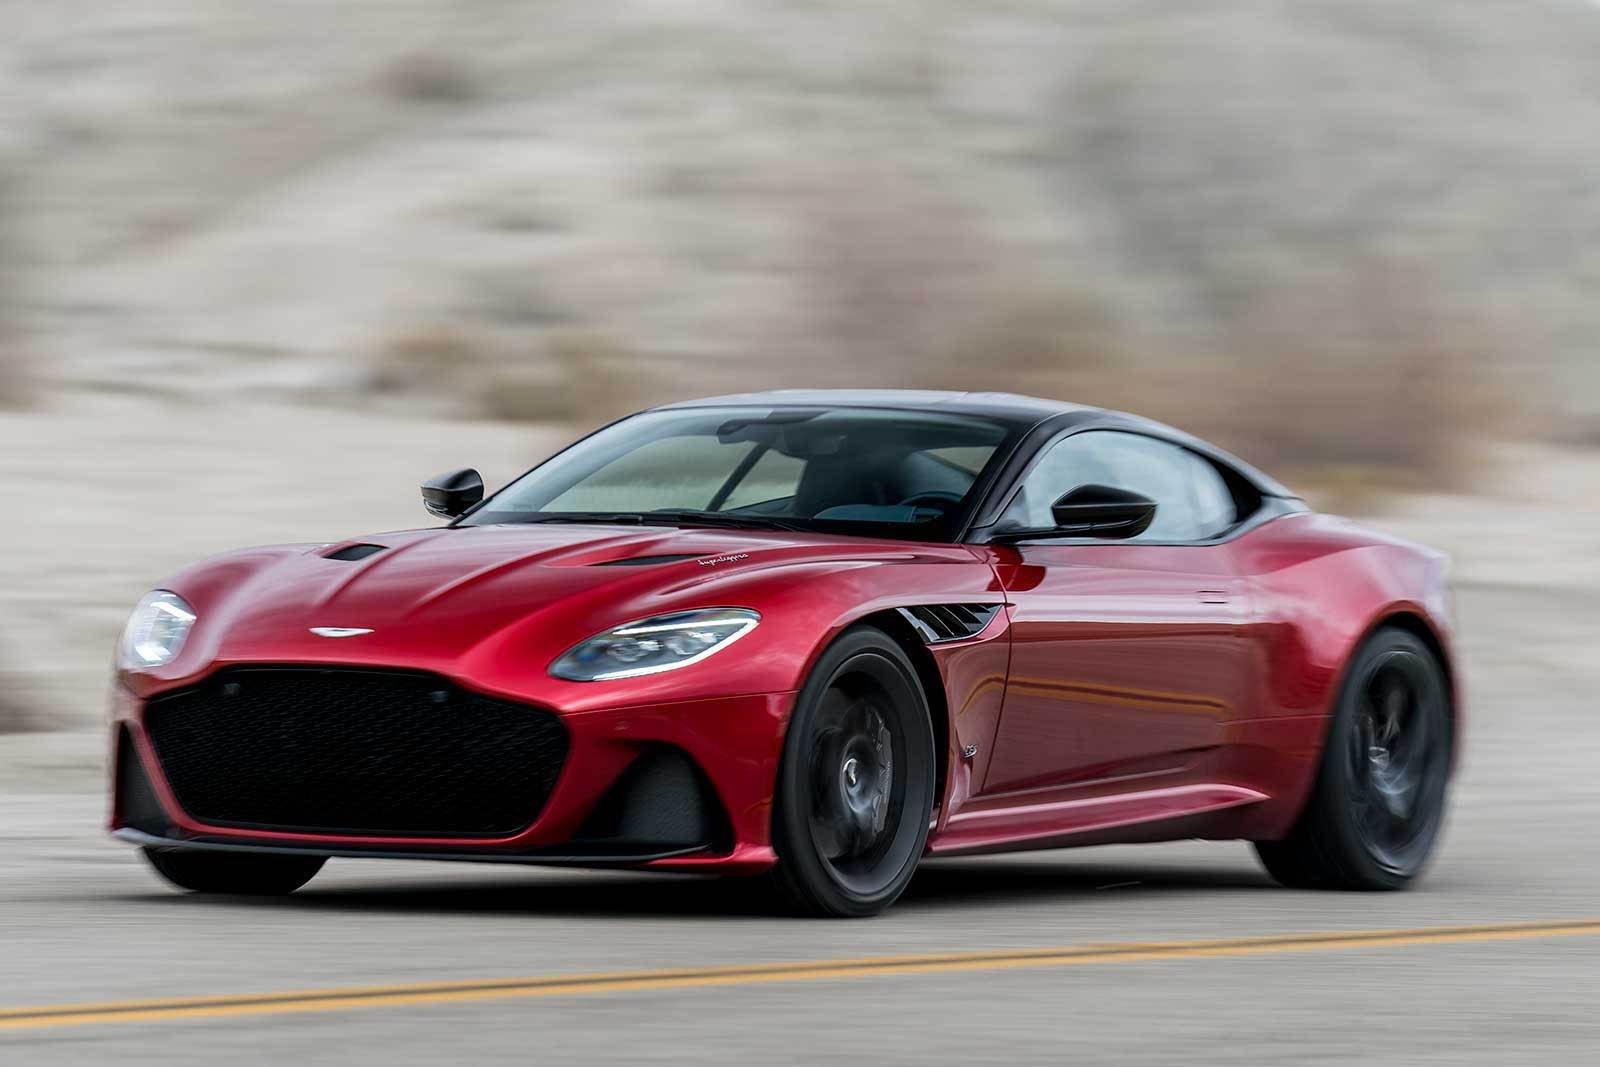 Aston Martin DBS Superleggera 2019 (1)